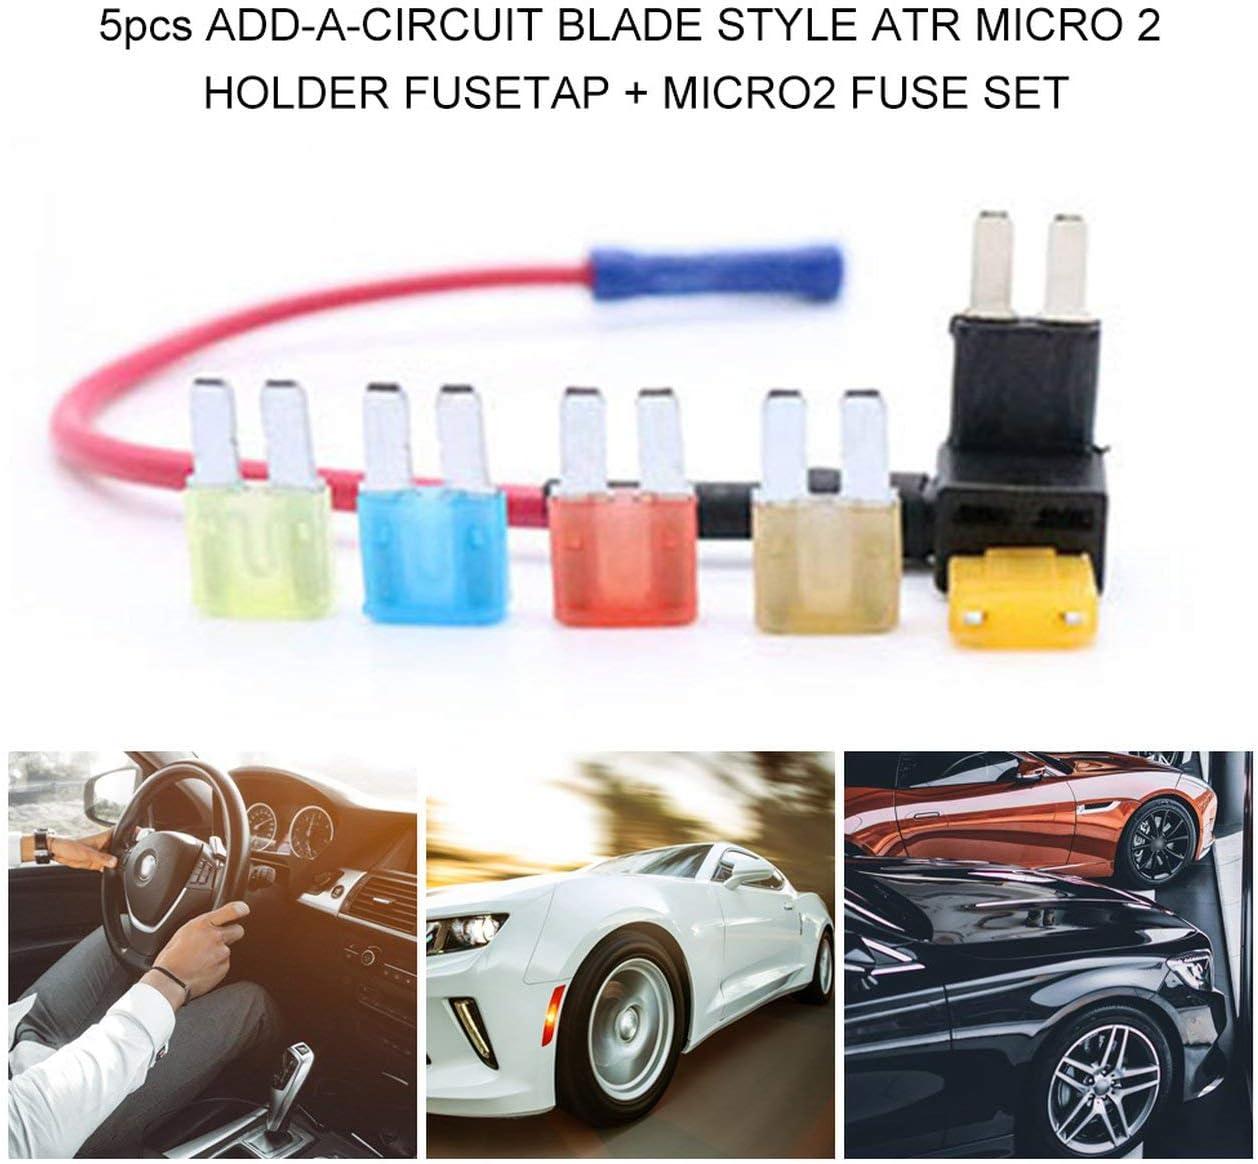 Ba30DEllylelly F/ür Micro2 ATR Automotive Sicherungen Verschiedene Sicherungshalter 5 STK Lumision 5A 7.5A 10A 15A 20A Set Pak Auto Insurance Tablets